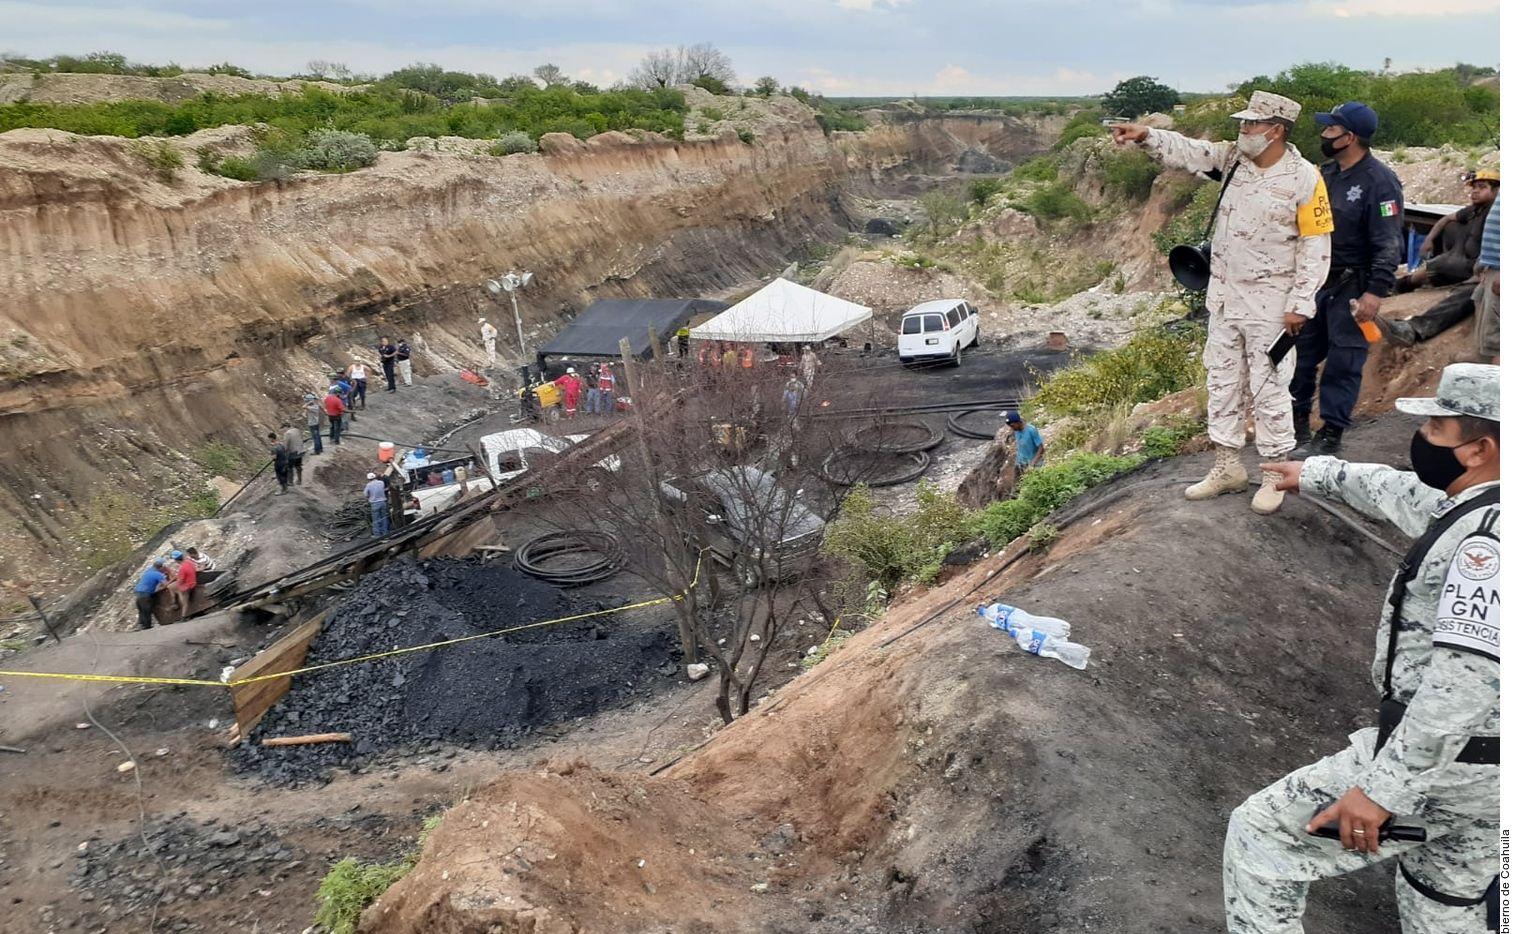 Un accidente en una mina de carbón en el municipio de Múzquiz, Coahuila, dejó a siete mineros atrapados.